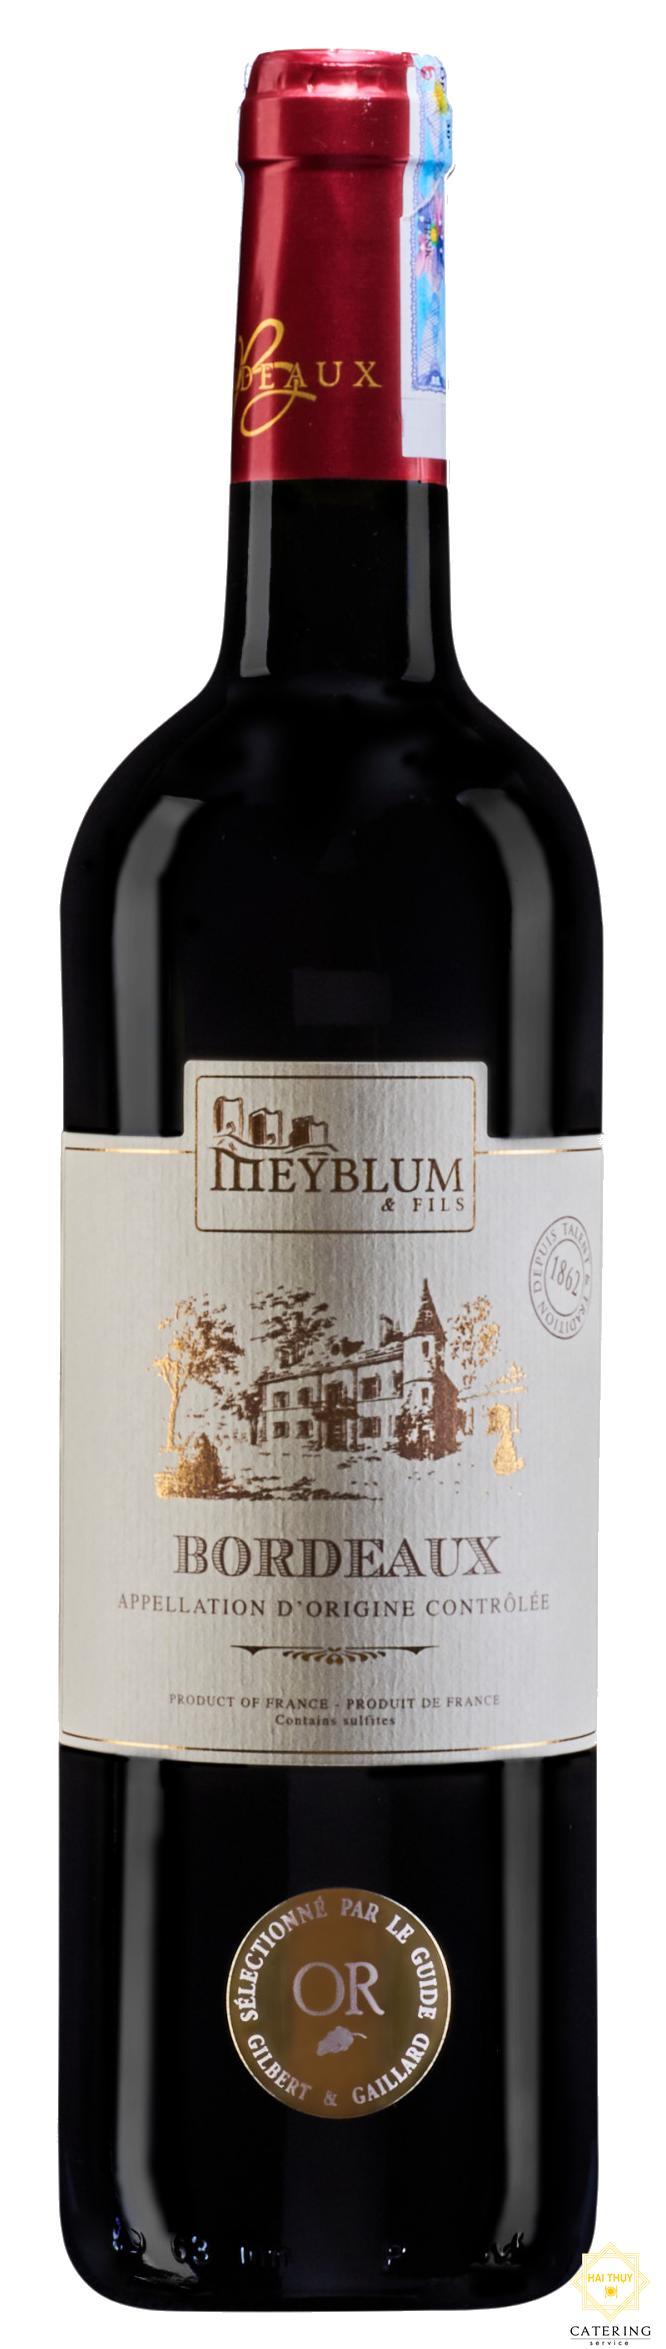 Meyblum & Fils 2016